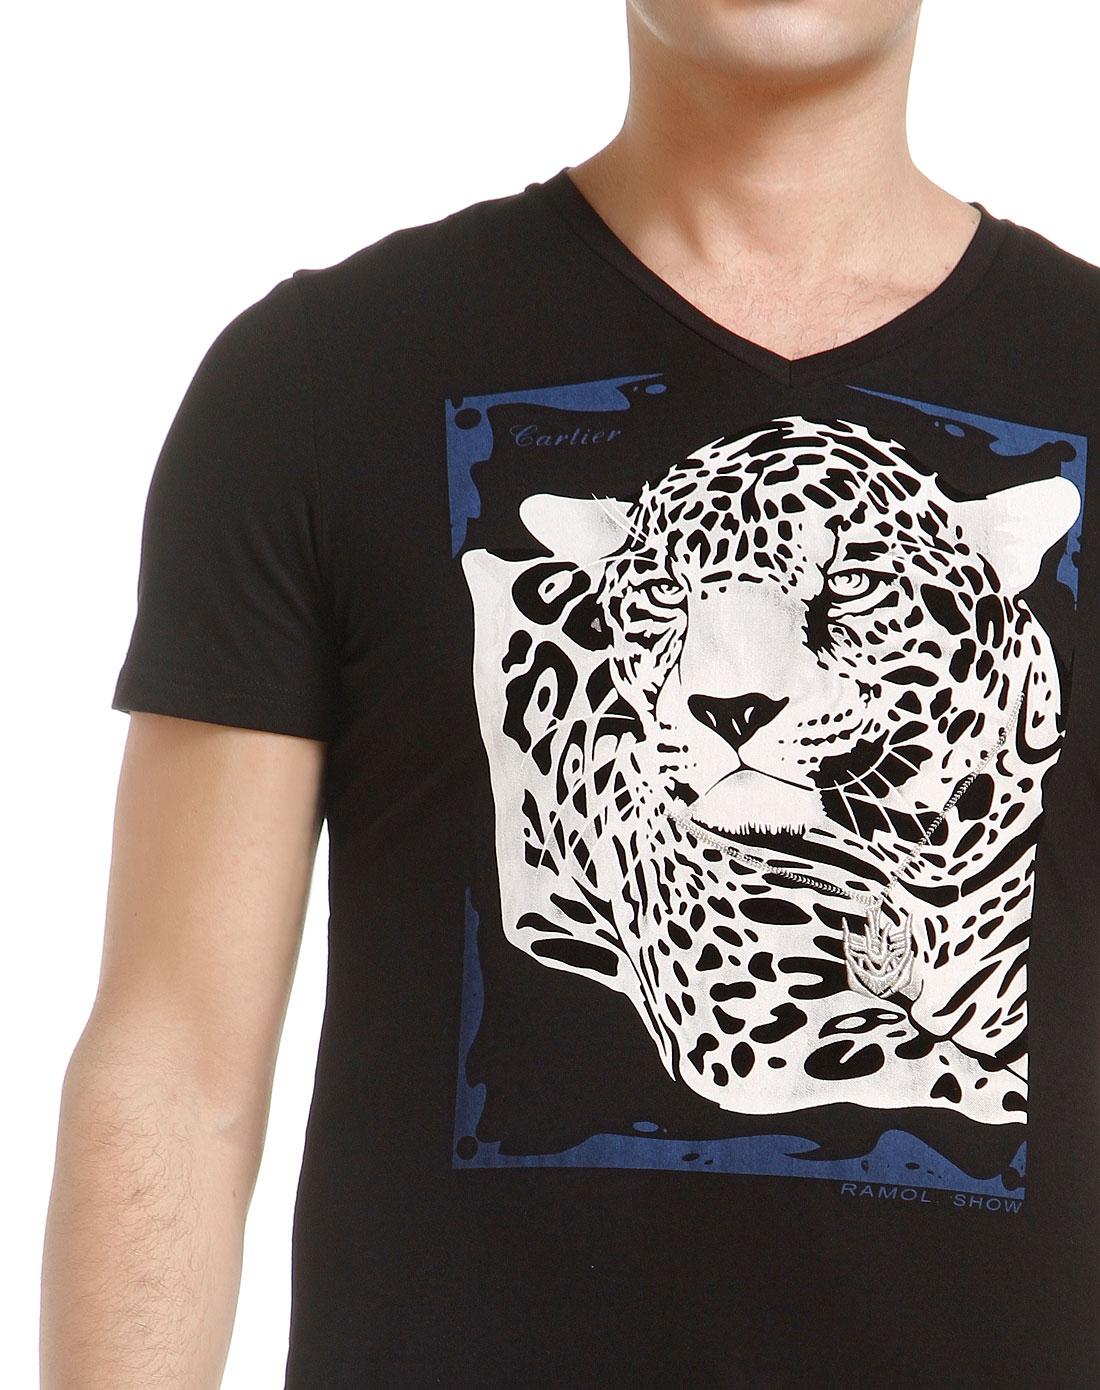 动物头像时尚黑色短袖t恤